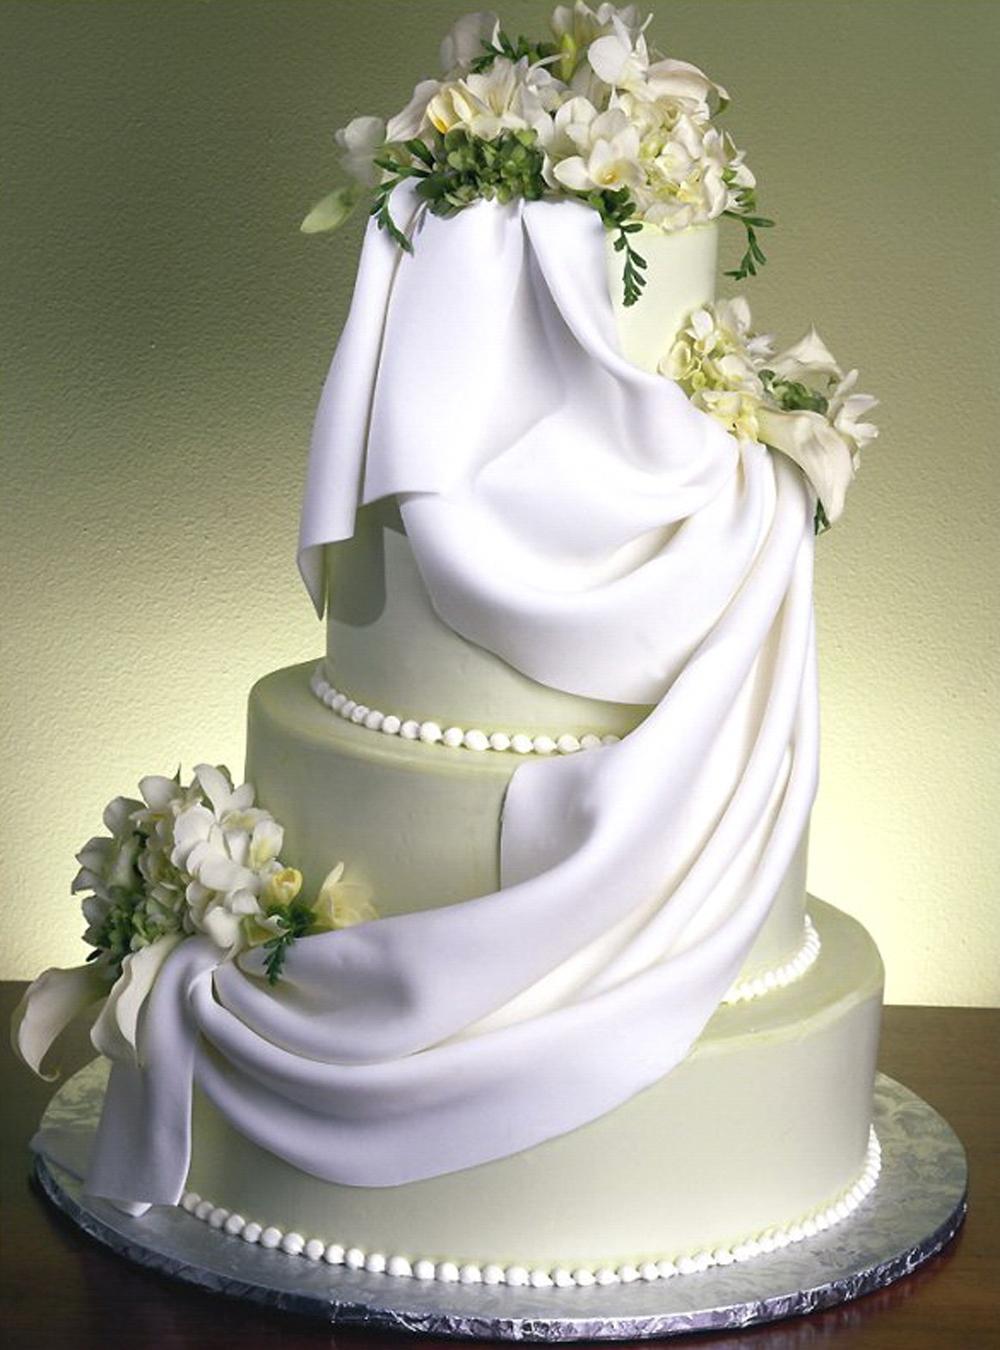 сваднбный торт